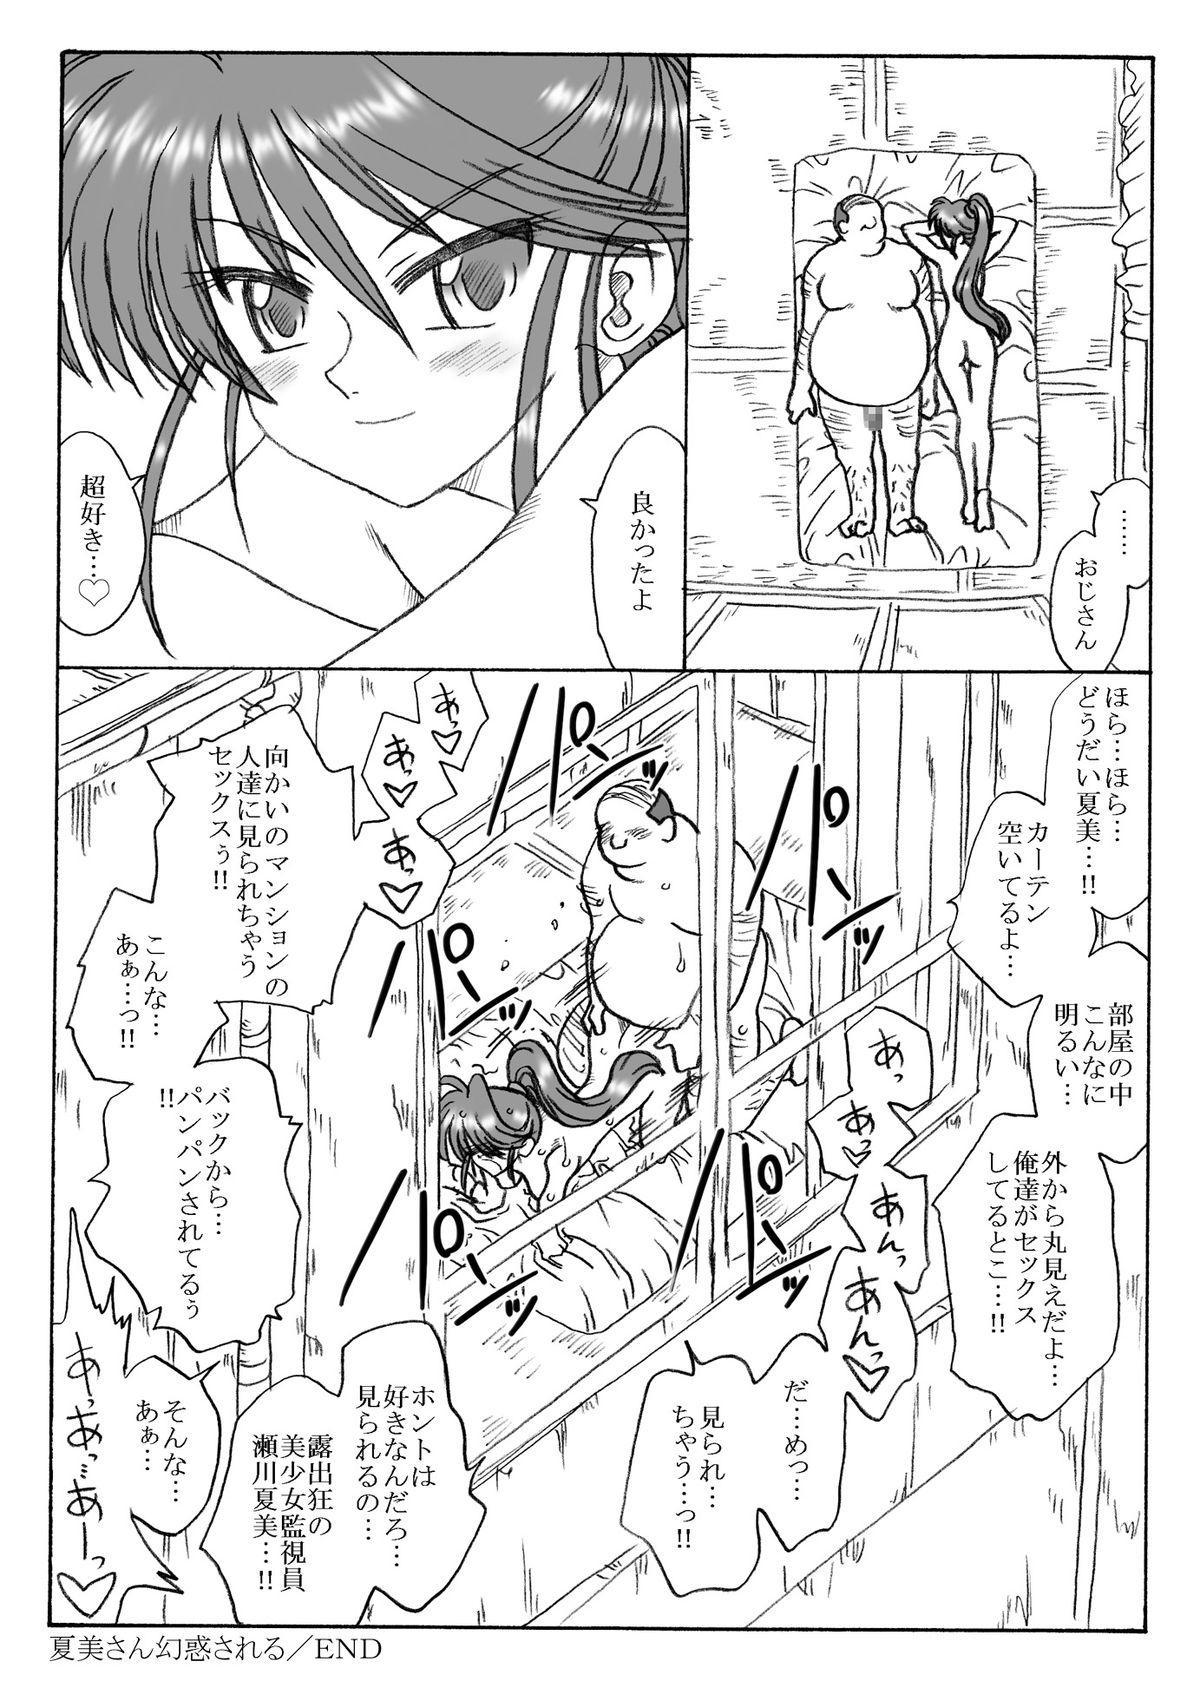 Natsumi-san Genwaku Sareru 17